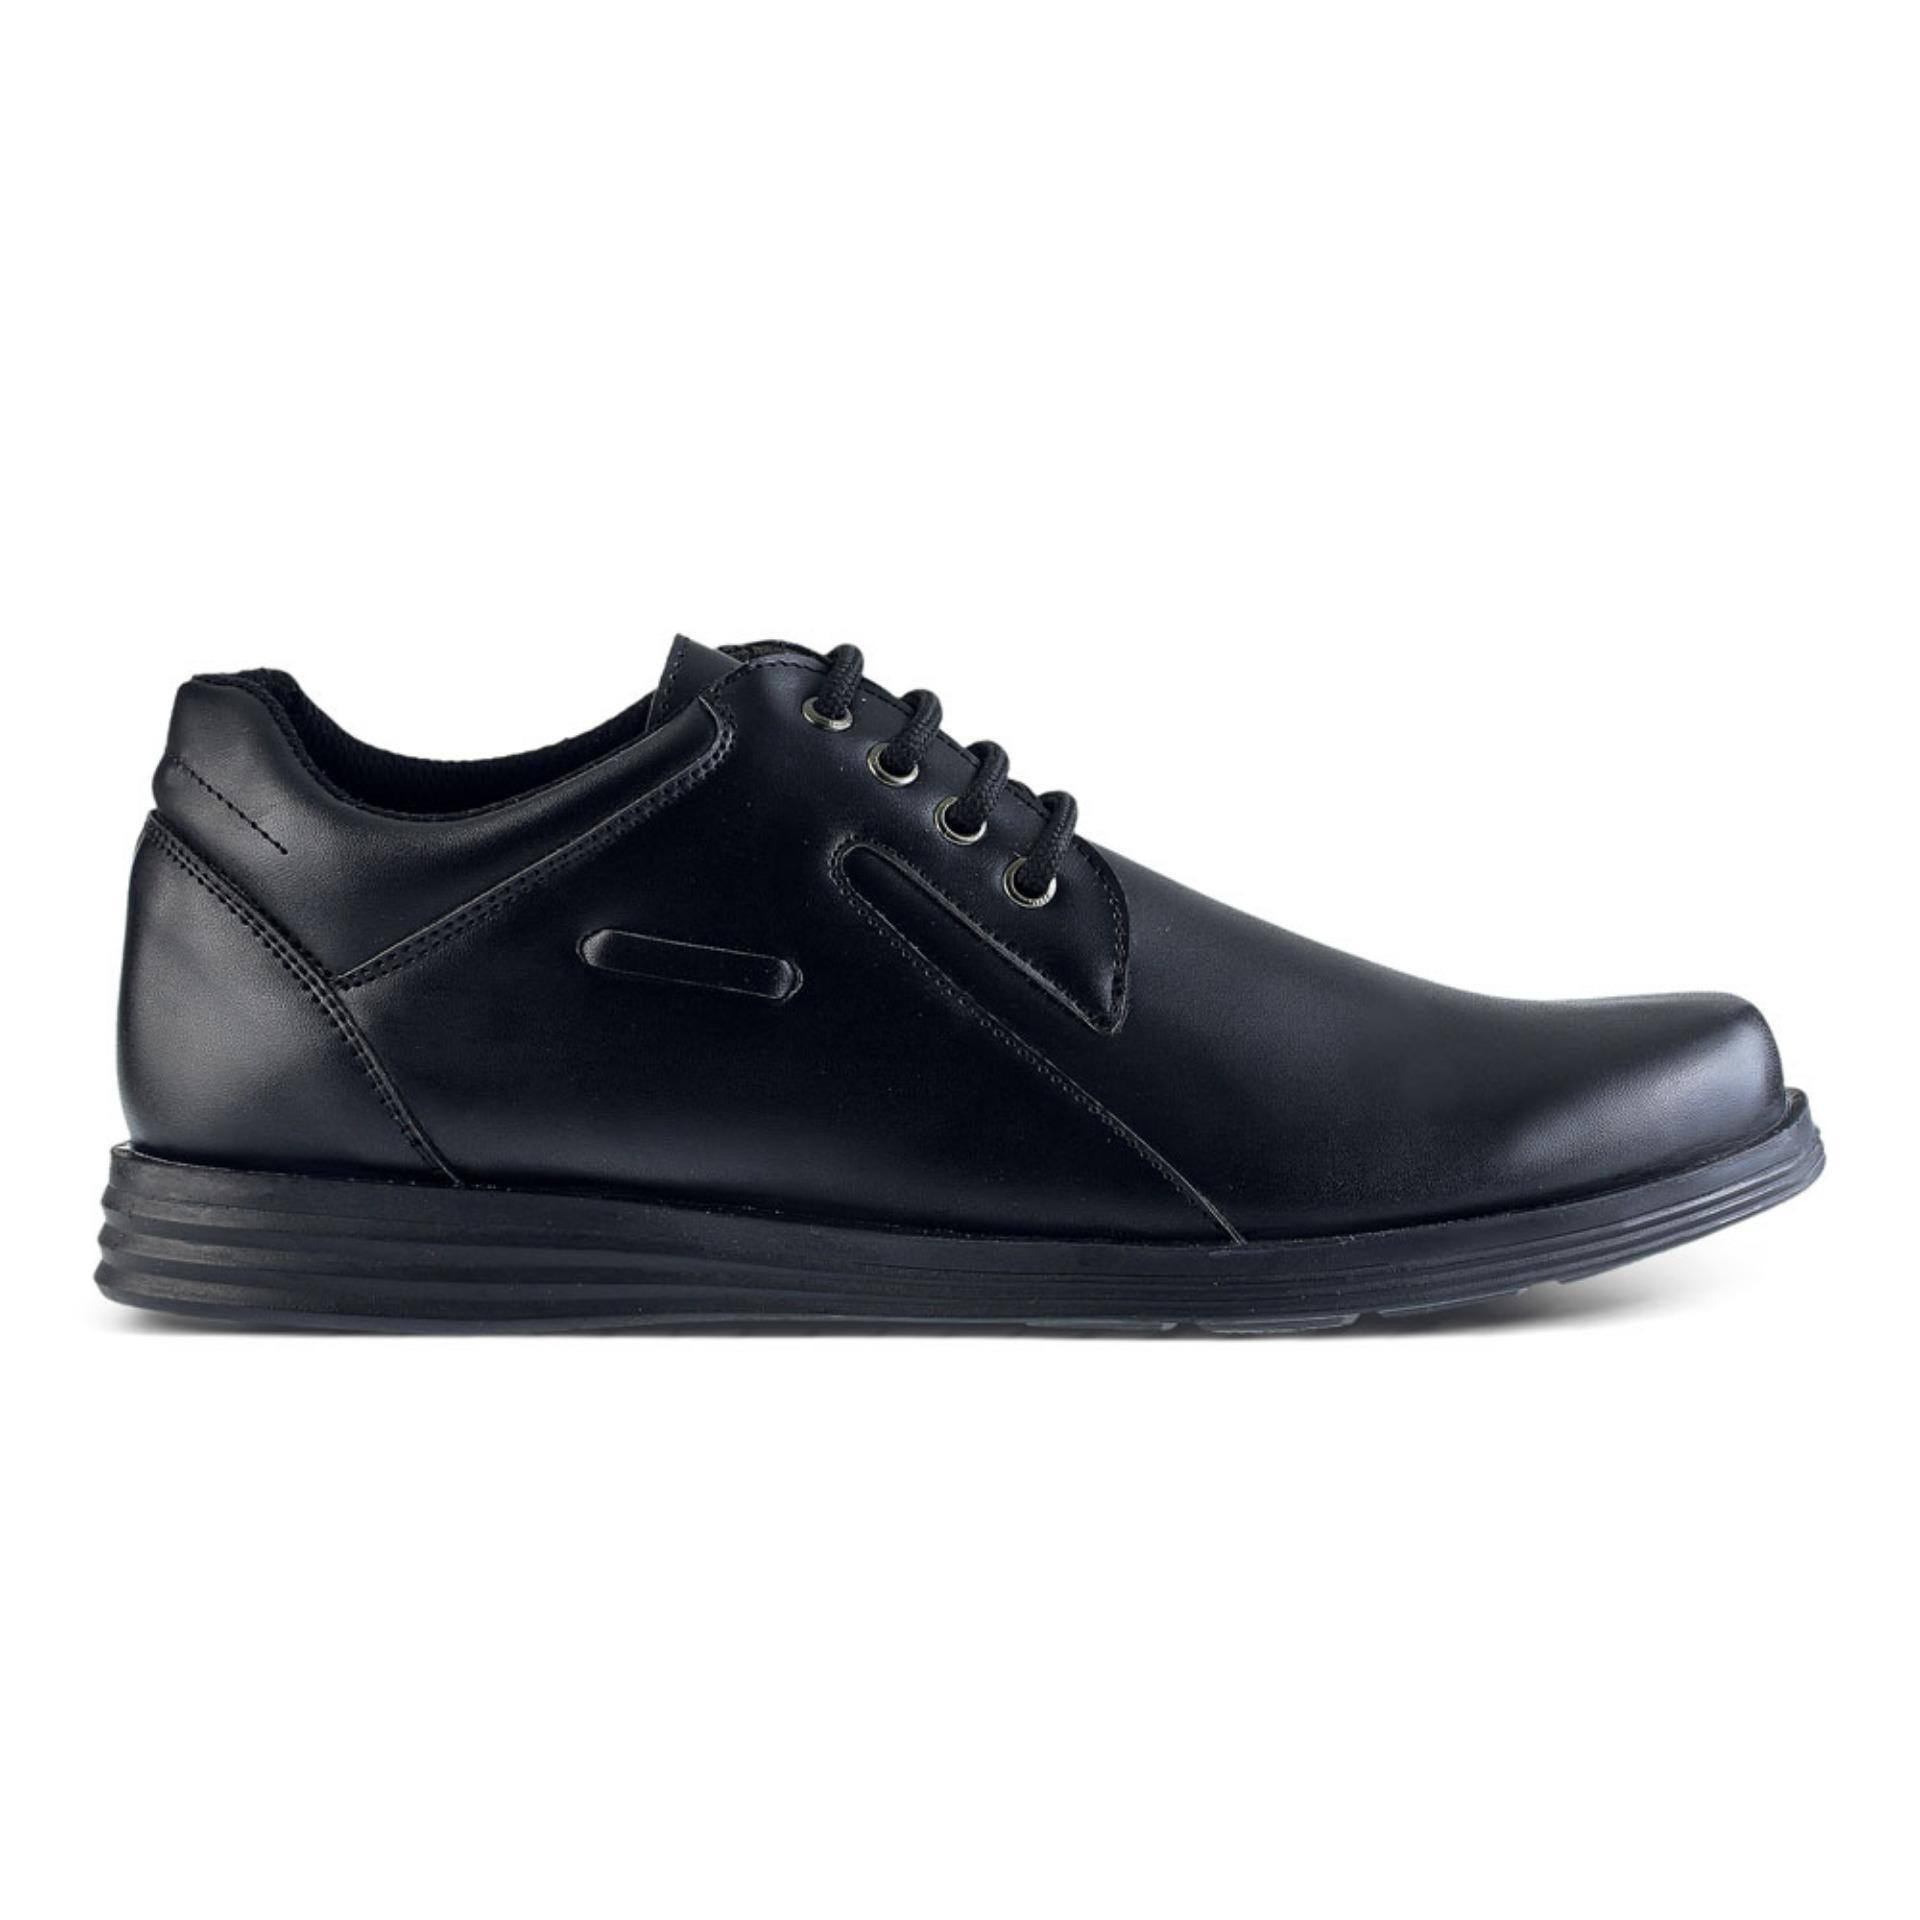 Distro DS 446 Sepatu Formal Pantofel Pria Untuk Kerja dan Kantor Kulit  Sintetis . 09aa4d166b